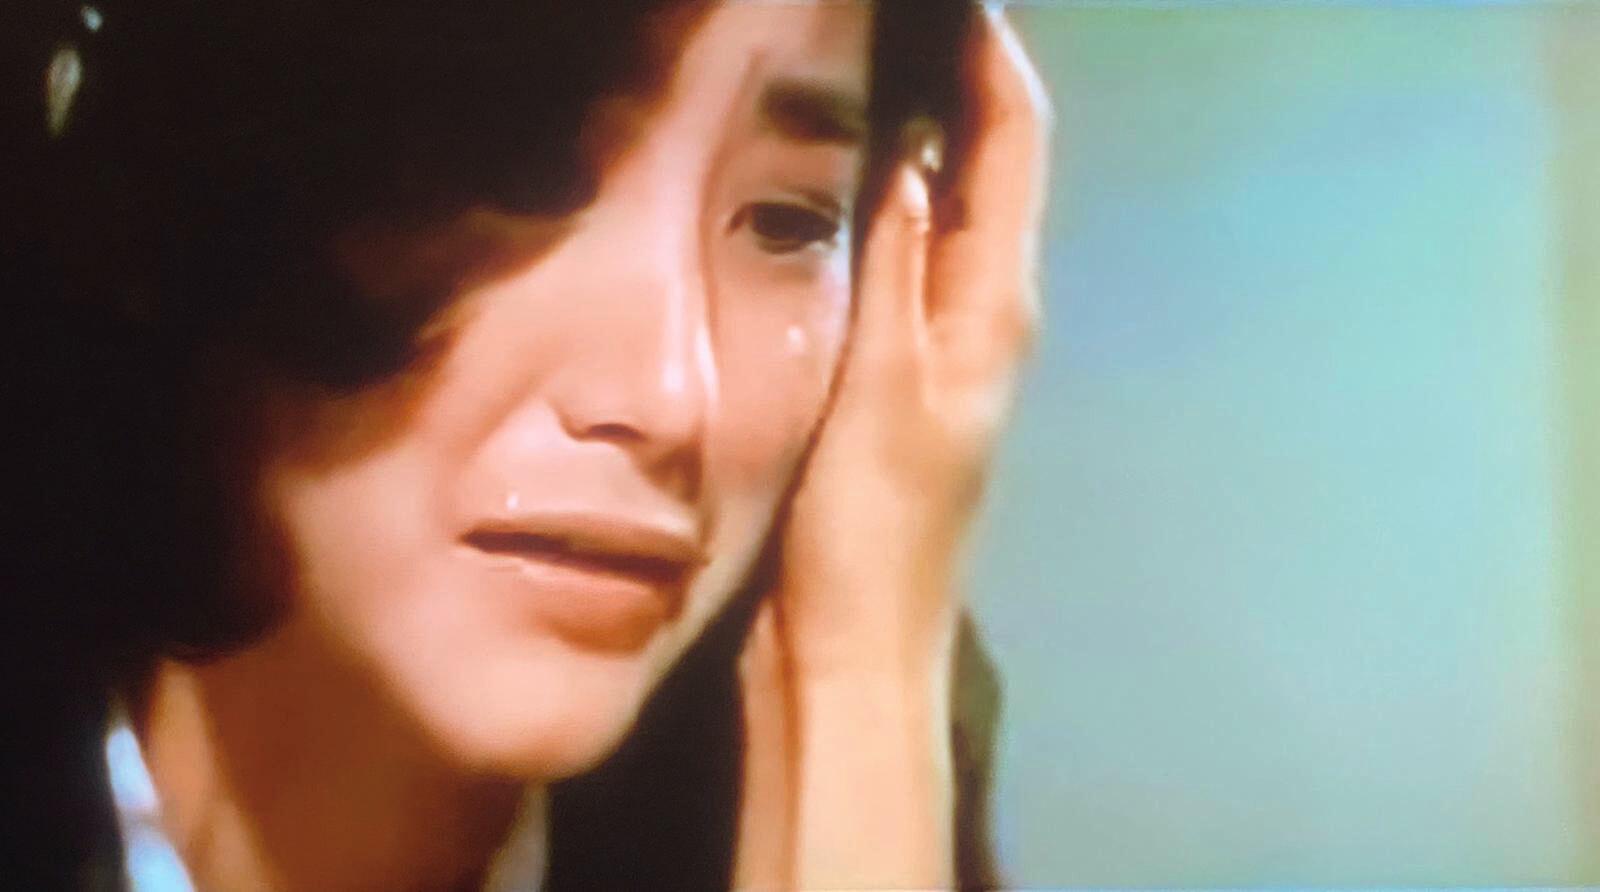 《窗外》(1973)是林青霞從影第一部電影,因遭瓊瑤申請禁映,在台灣,第二部接拍的《雲飄飄》便變成是第一部。卡士上,她和男主角谷名倫都是新人,配搭以關山和唐寶雲,再有劉家昌馬之秦助陣,陣容不失吸引力。但關山與唐寶雲在六十年代的巨星,來到七十年代,已是「上一代」和「家長」,戲分再多,也是甘草。